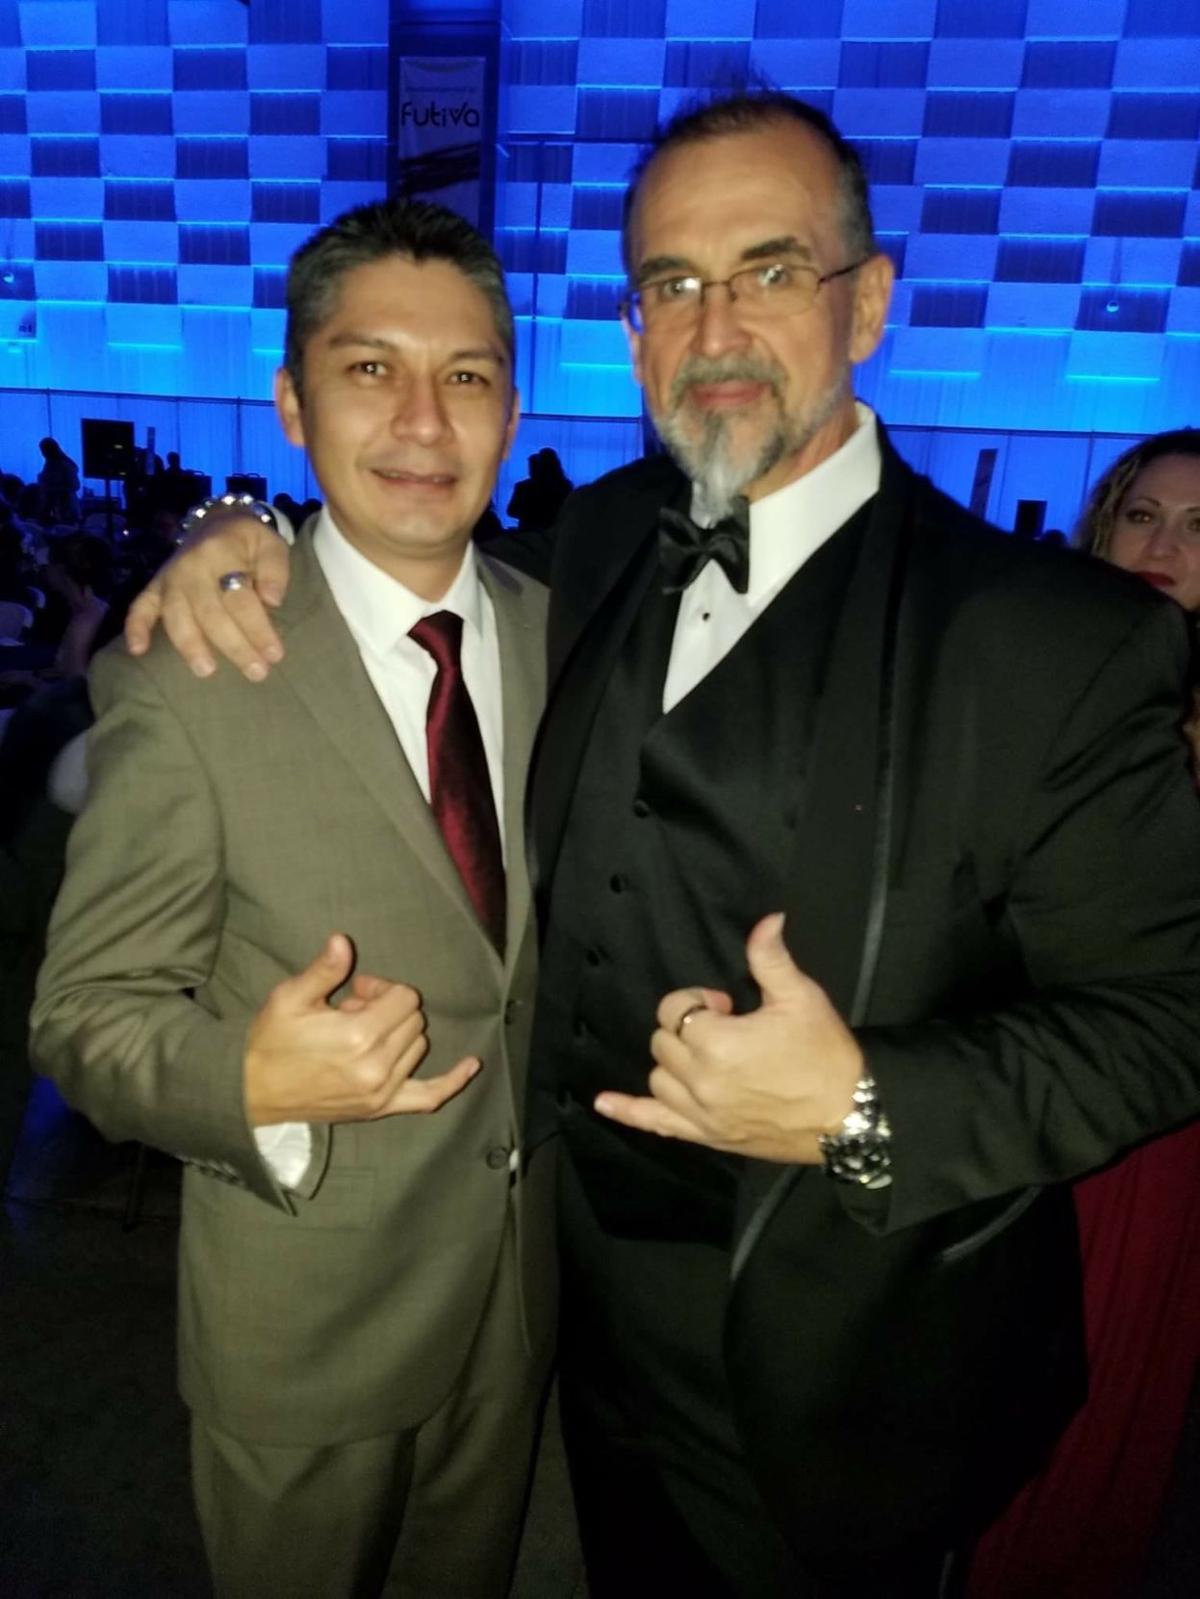 Carlos Hernandez Pacheco